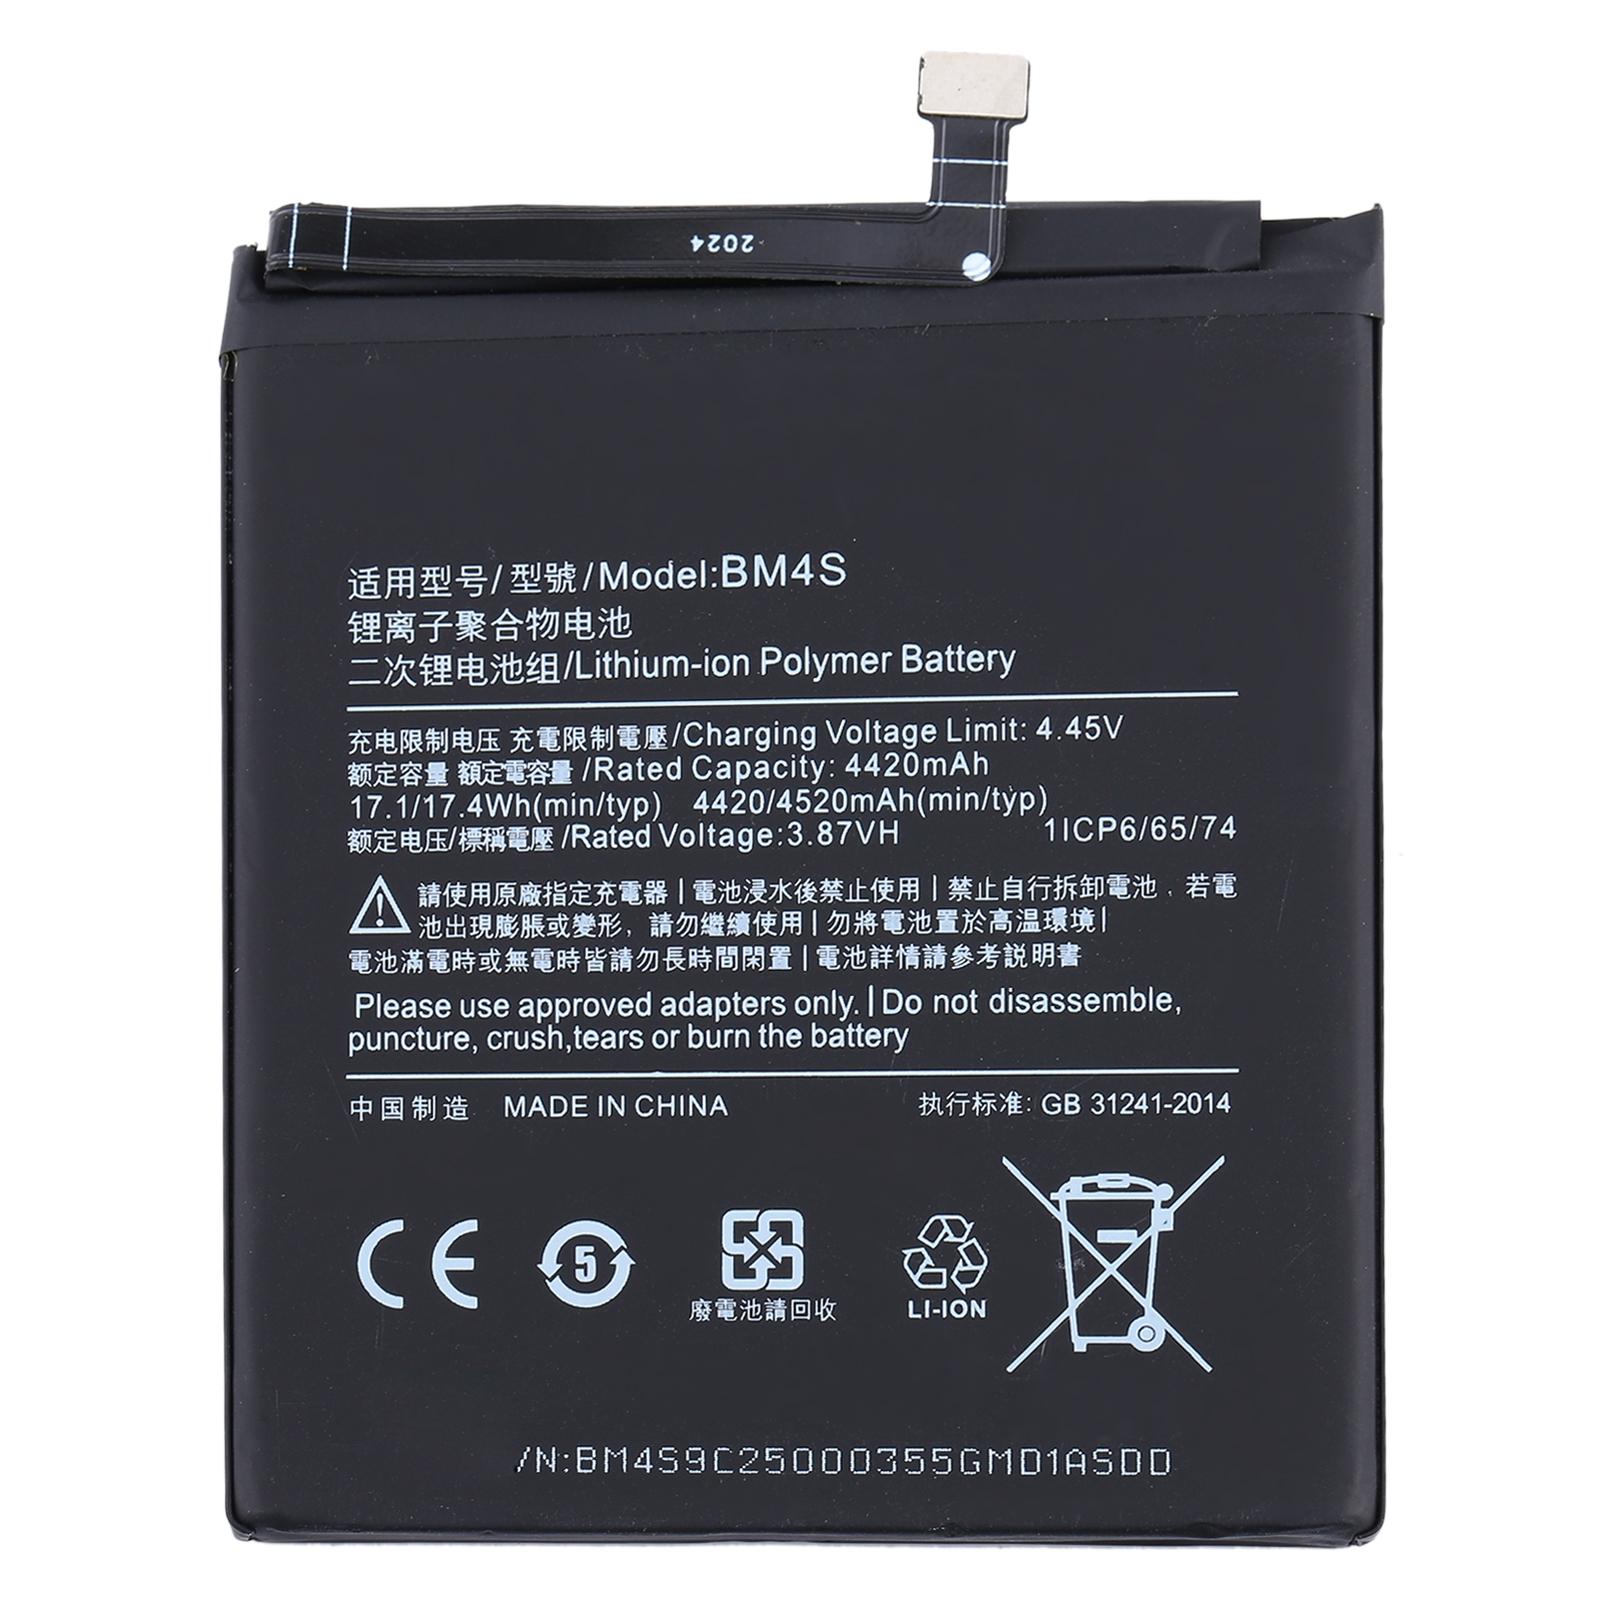 Batería BM4S para Xiaomi Redmi 10X 5G y Redmi 10X Pro 5G